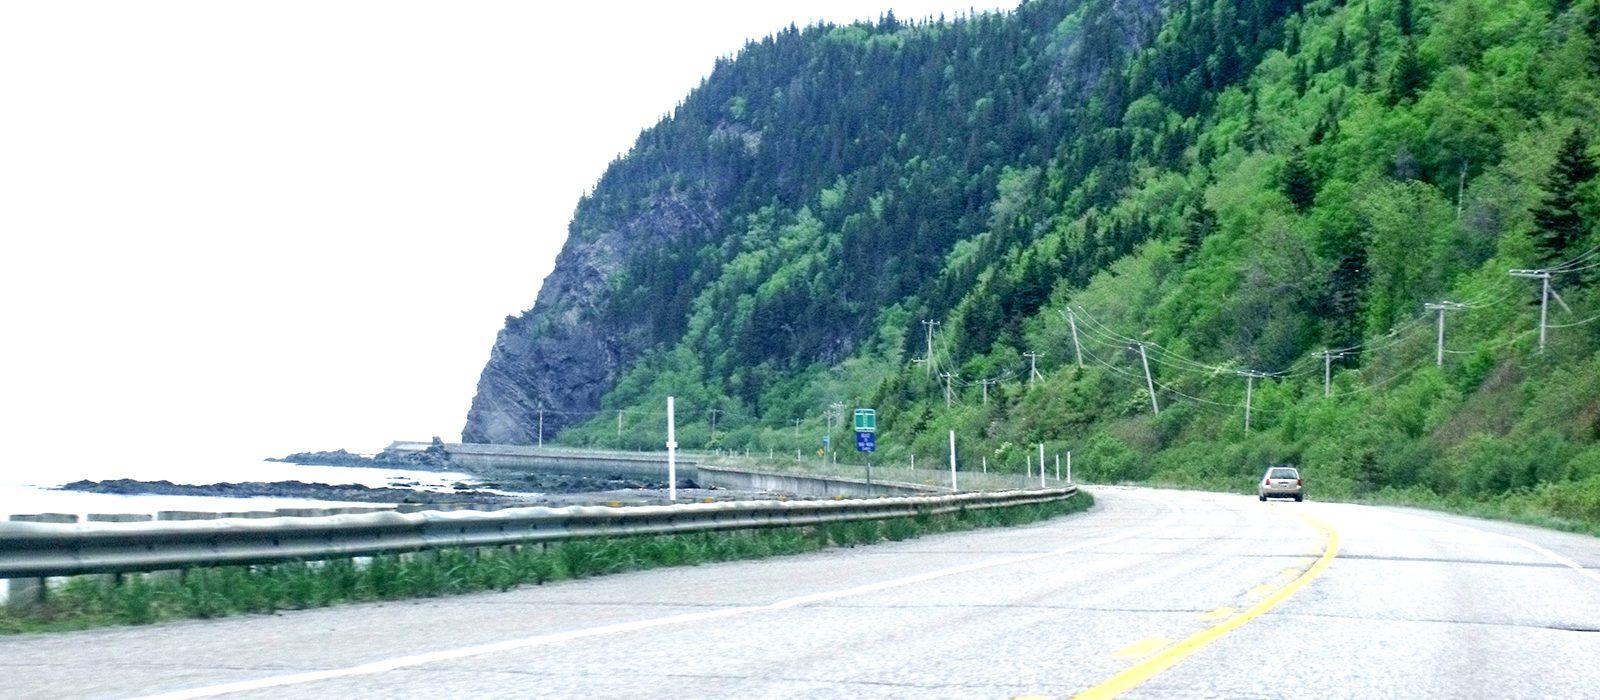 quebec-en-moto-six-routes-dexception-tourisme-gaspesie-quebec-le-mag